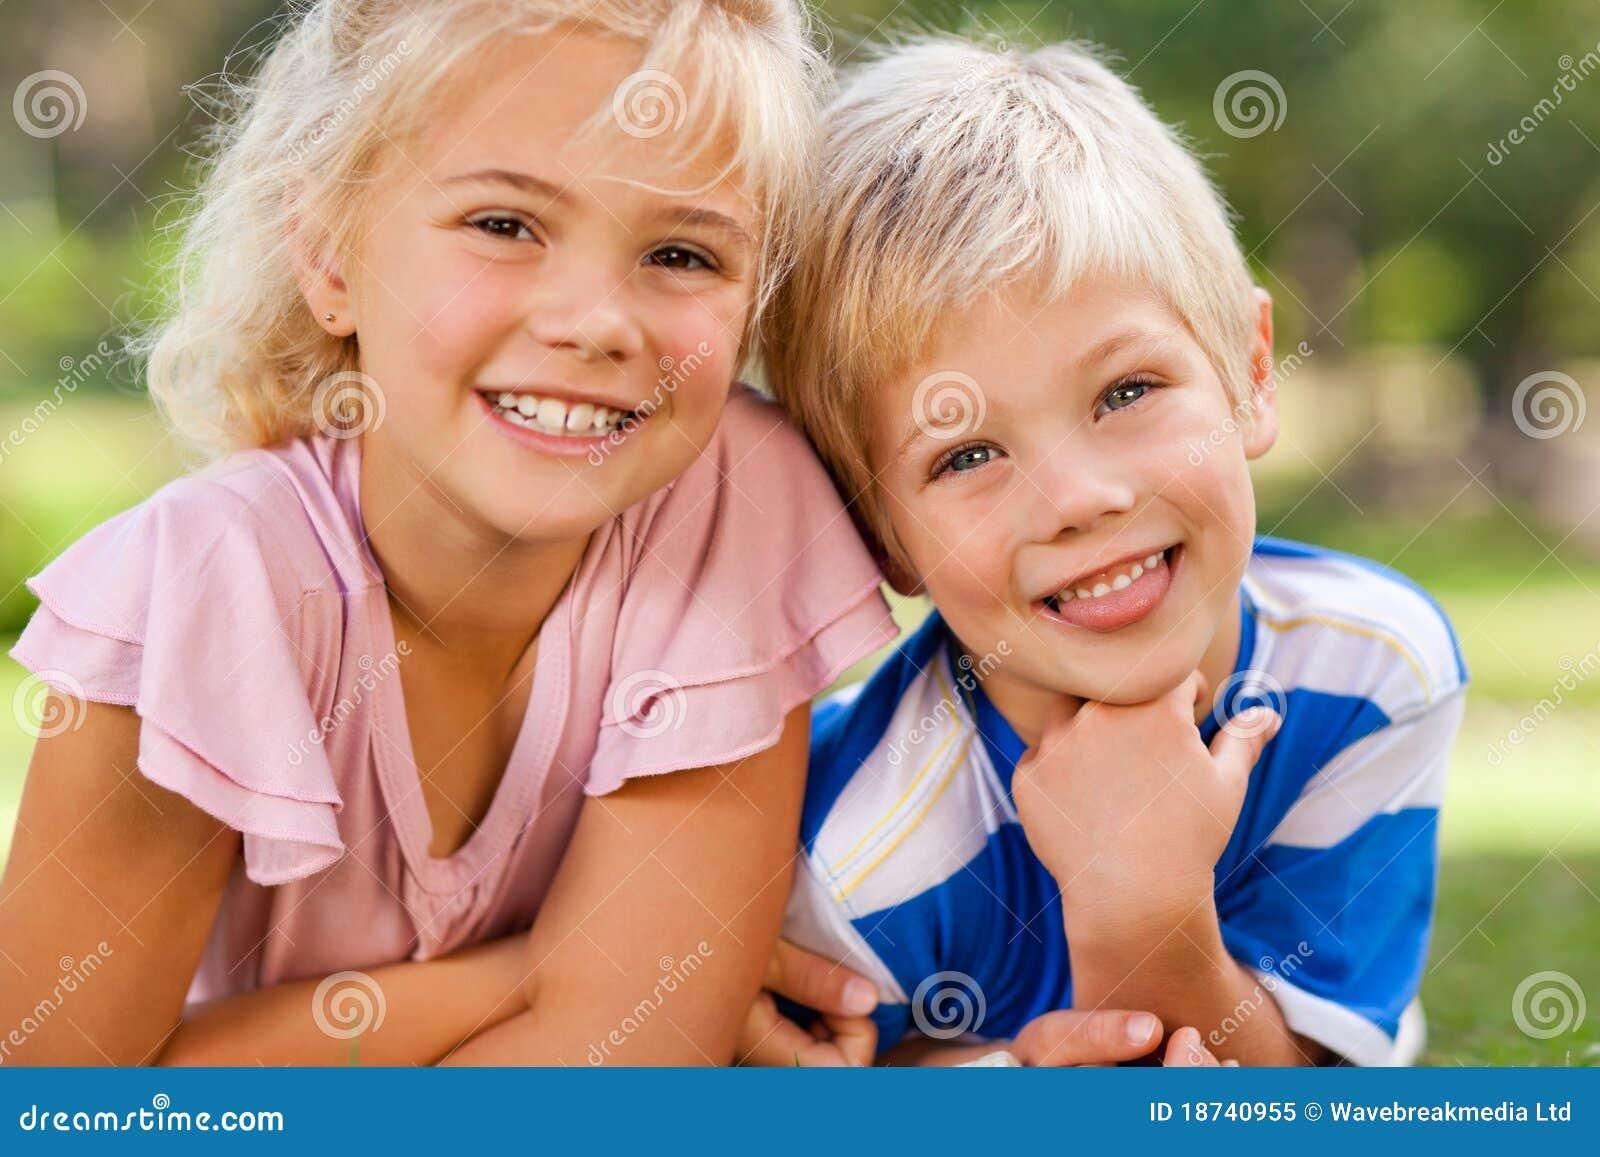 Junge mit seiner Schwester draußen